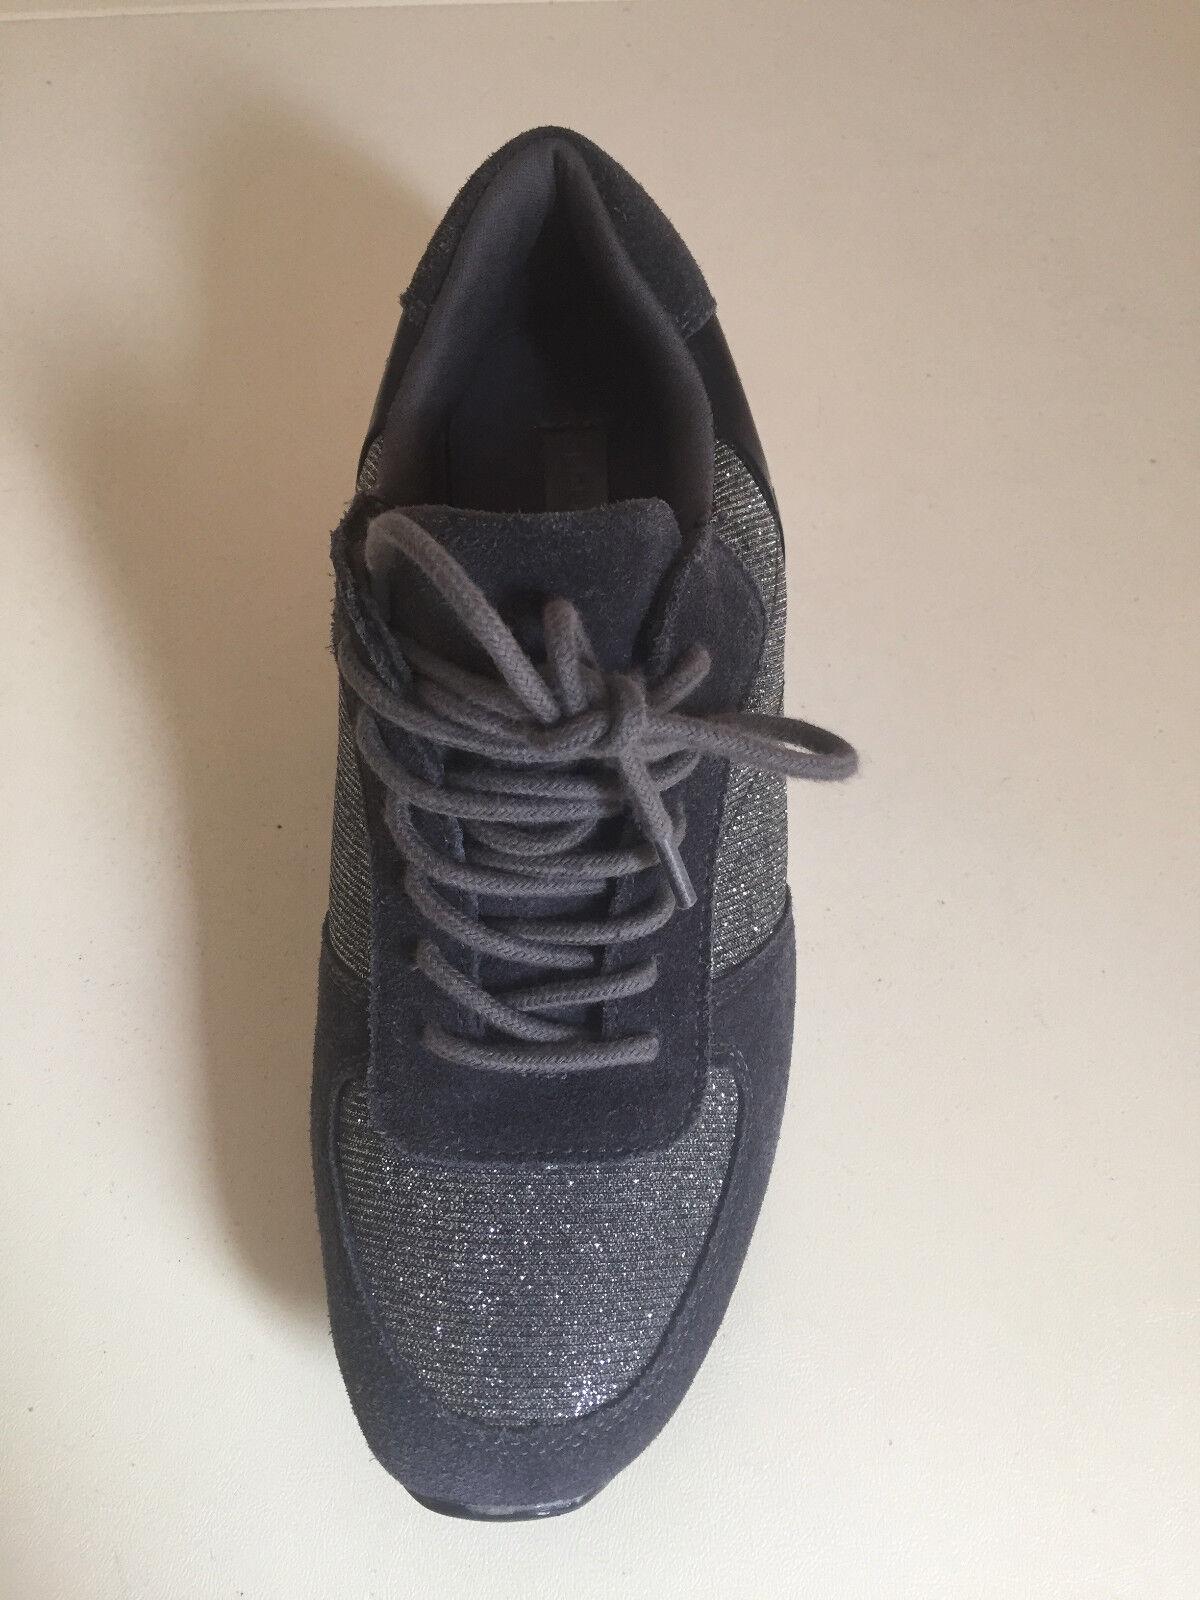 Zapatillas para niñas damas Pentágono gris Plateado Brillante Talla Talla Talla UK5-6 por Londres Rag  para mayoristas